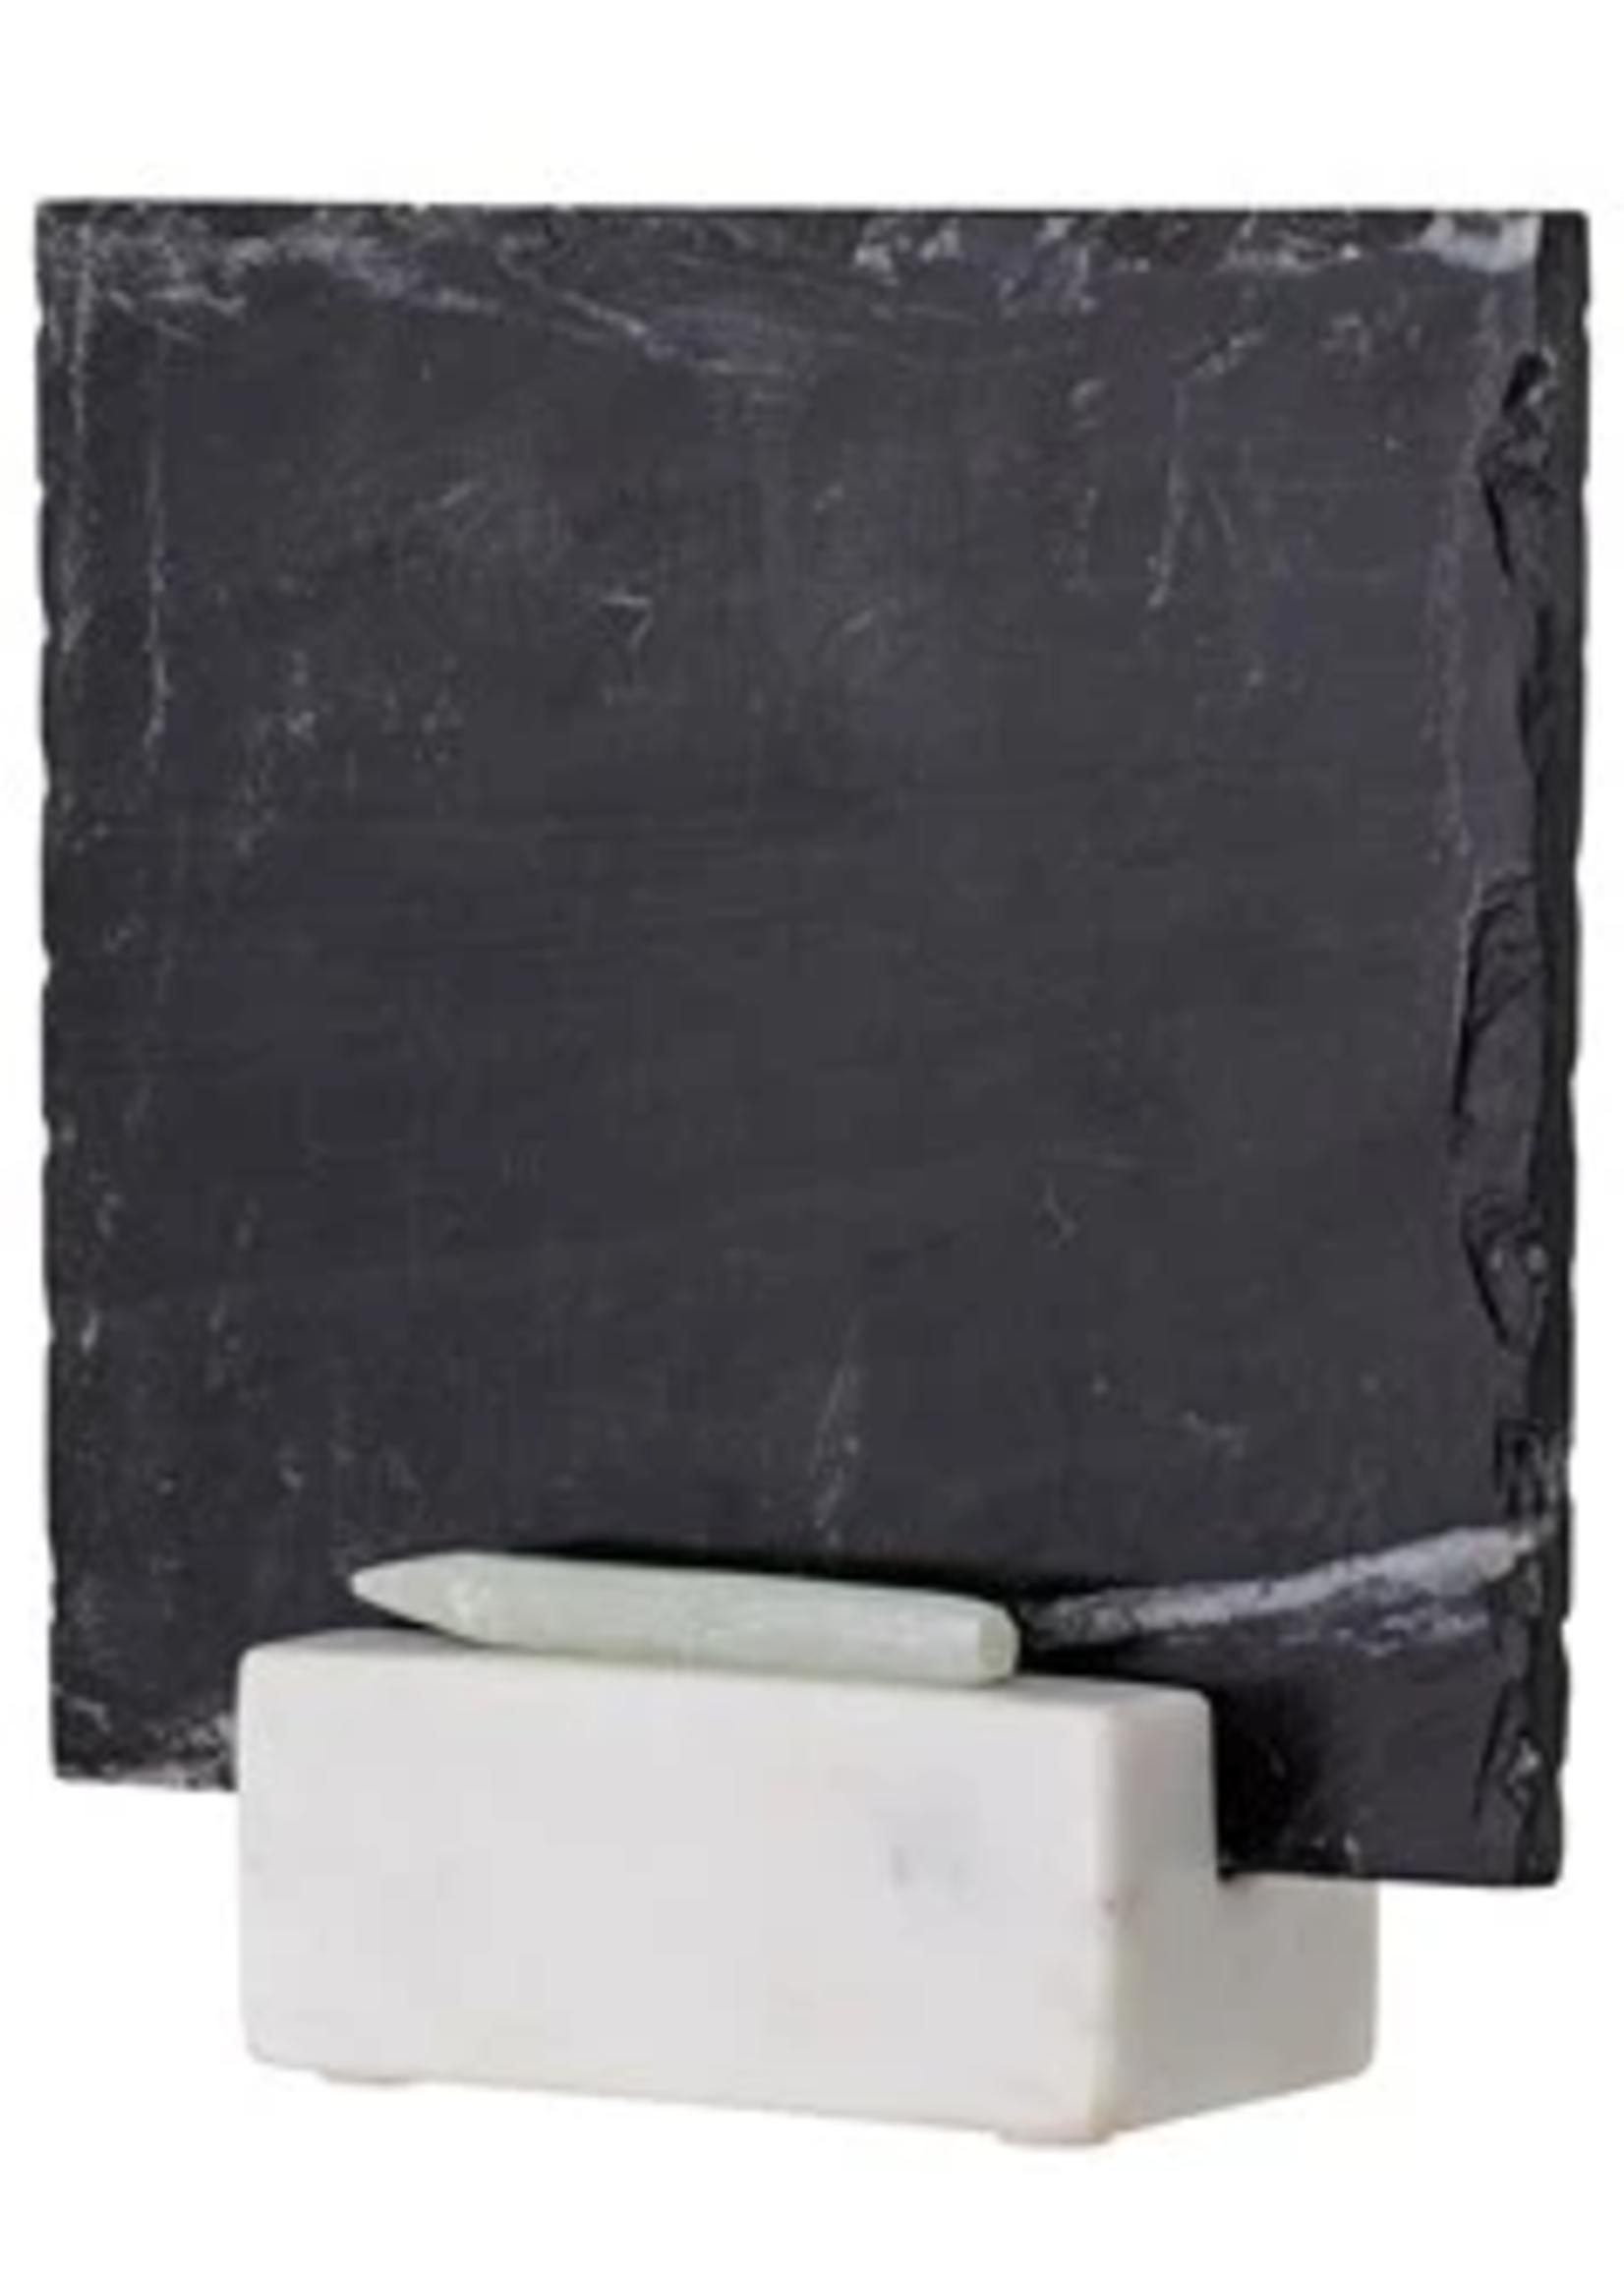 Slate Chalkboard w/ Marble Base & Pencil, Message Board